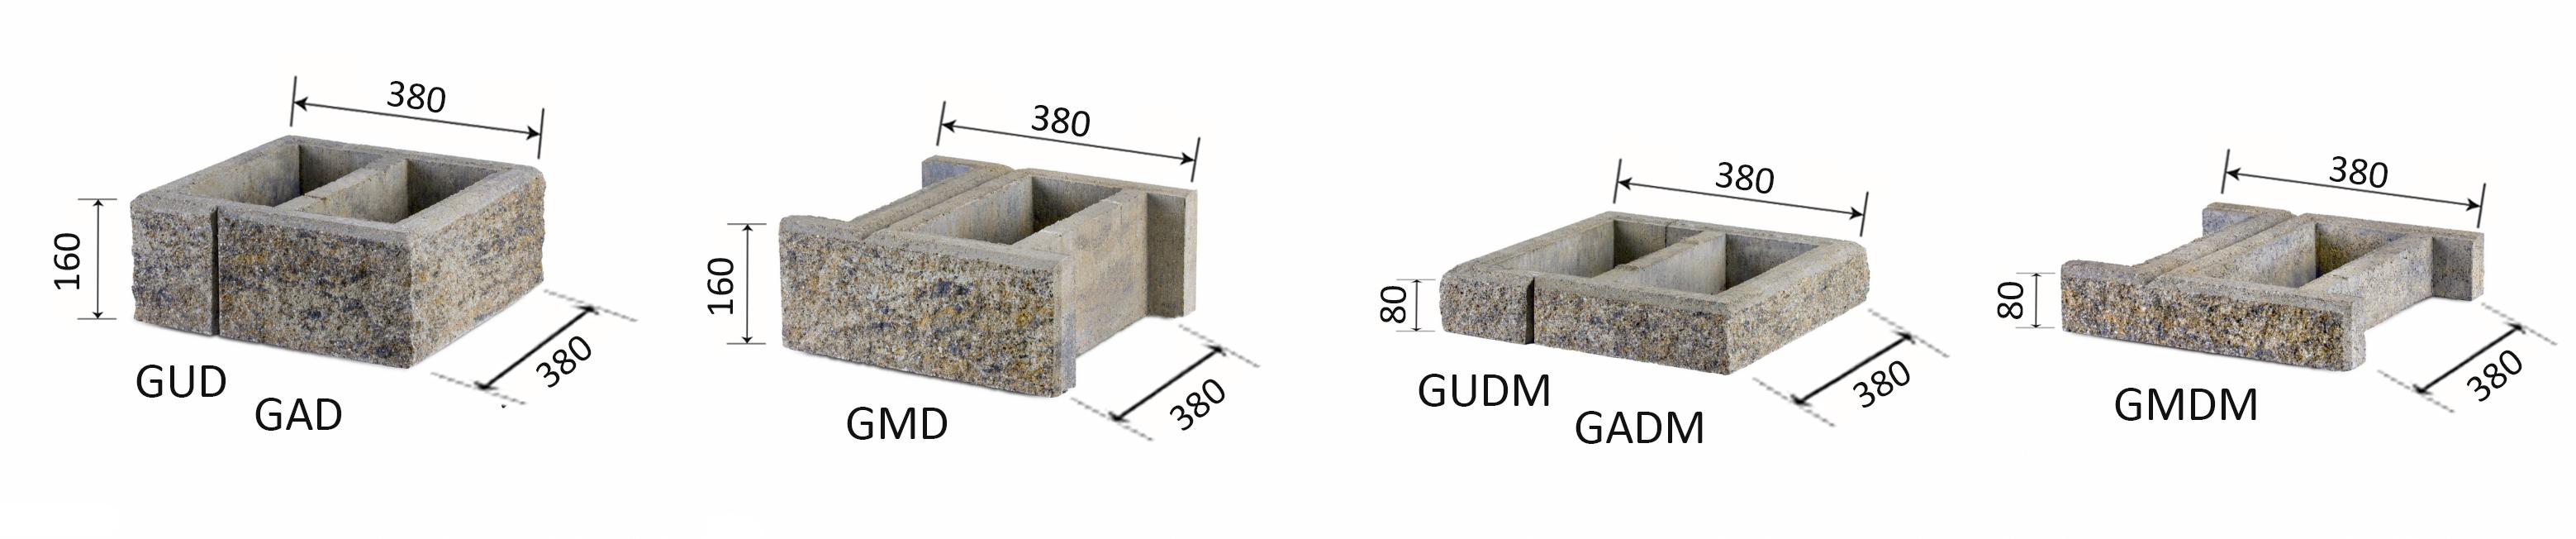 Aedade ehitusplokid G2